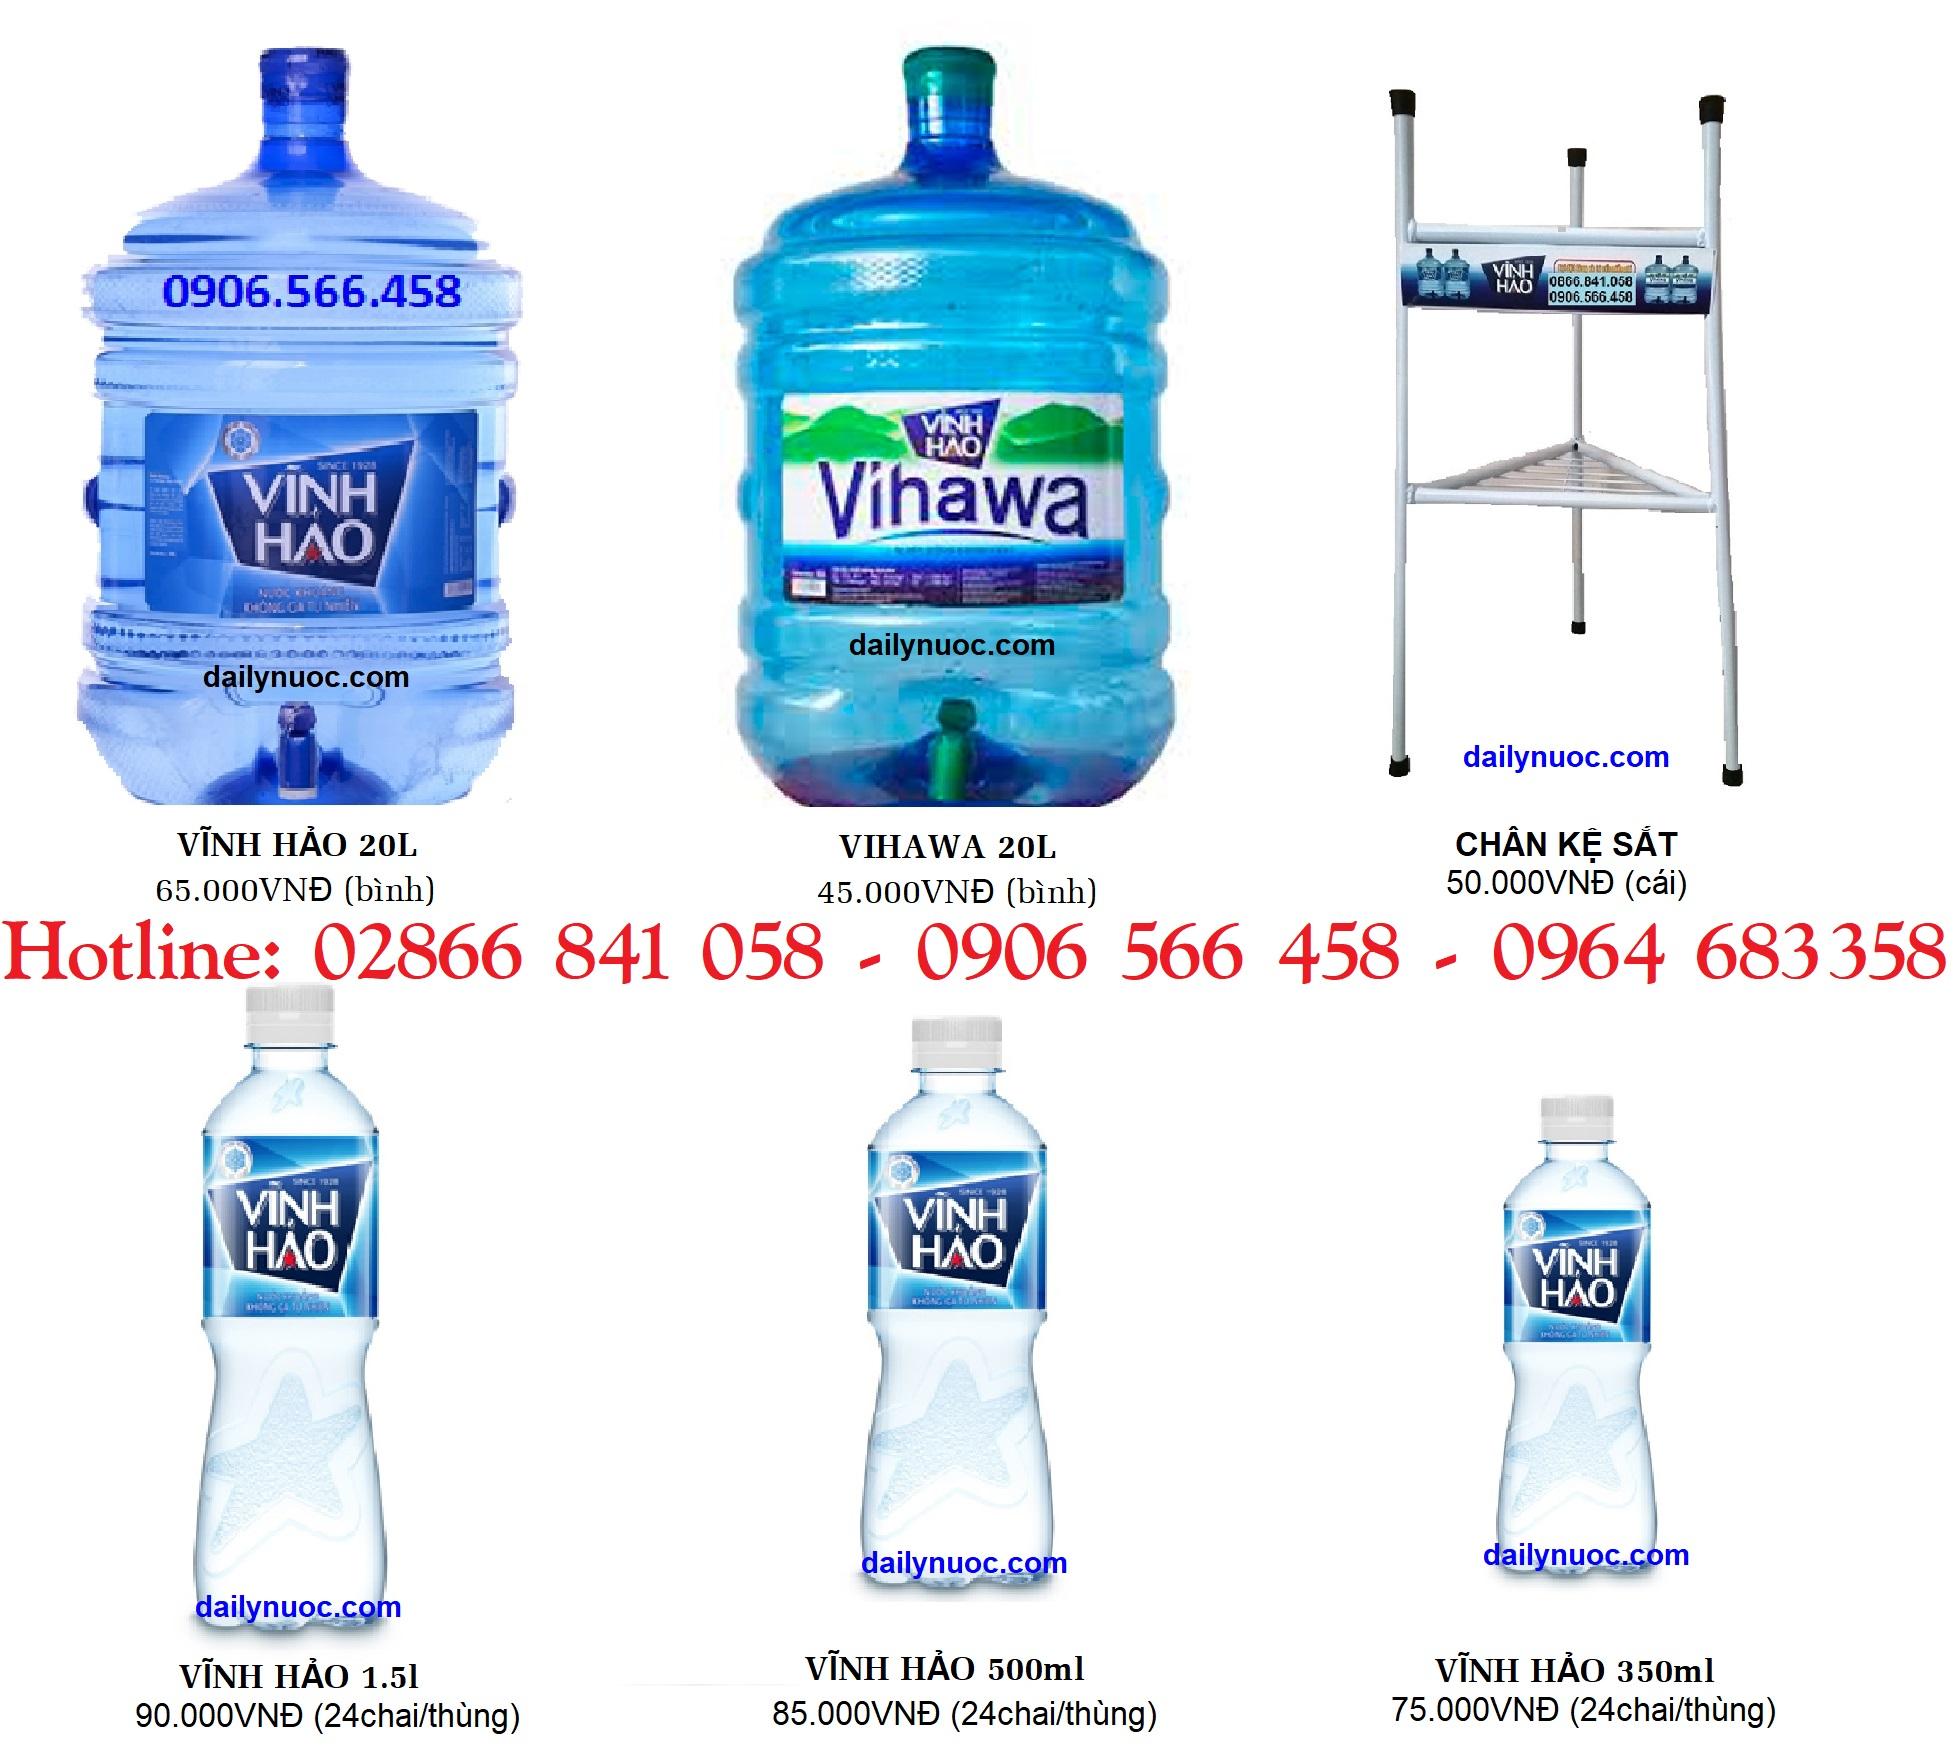 Giá nước uống Vihawa - Vĩnh Hảo bình 20l và chai nhỏ